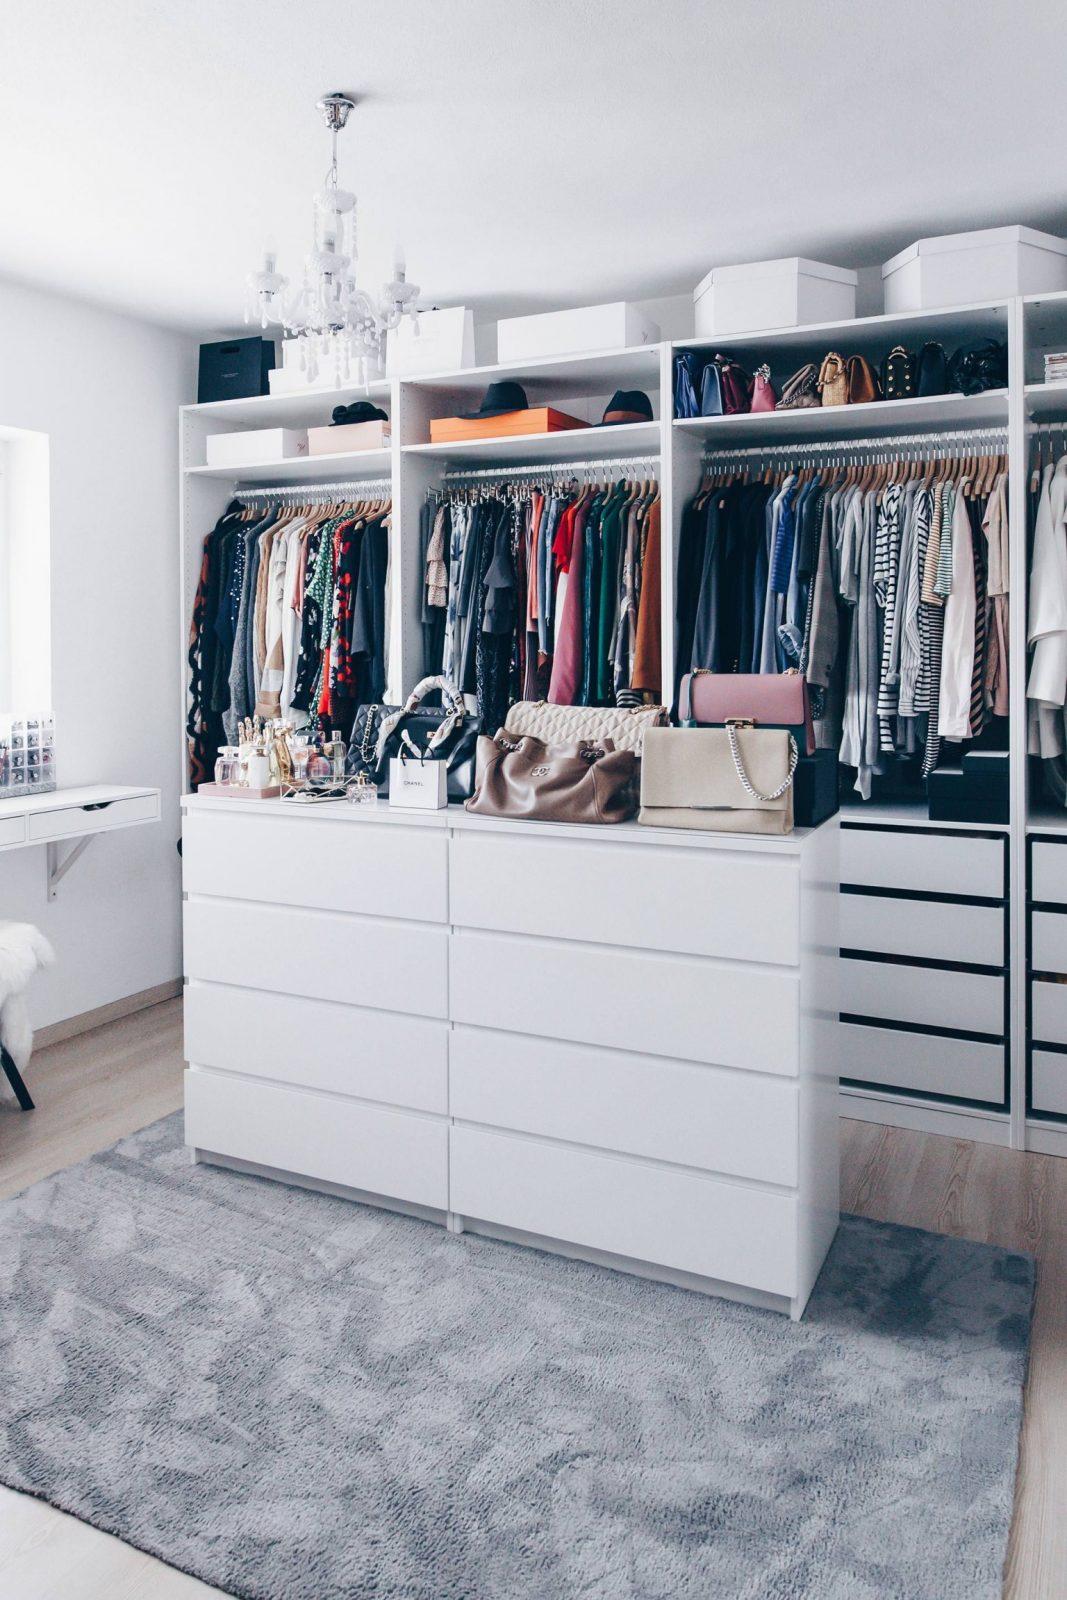 So Habe Ich Mein Ankleidezimmer Eingerichtet Und Gestaltet  Who Is von Ikea Schrank Selber Planen Photo